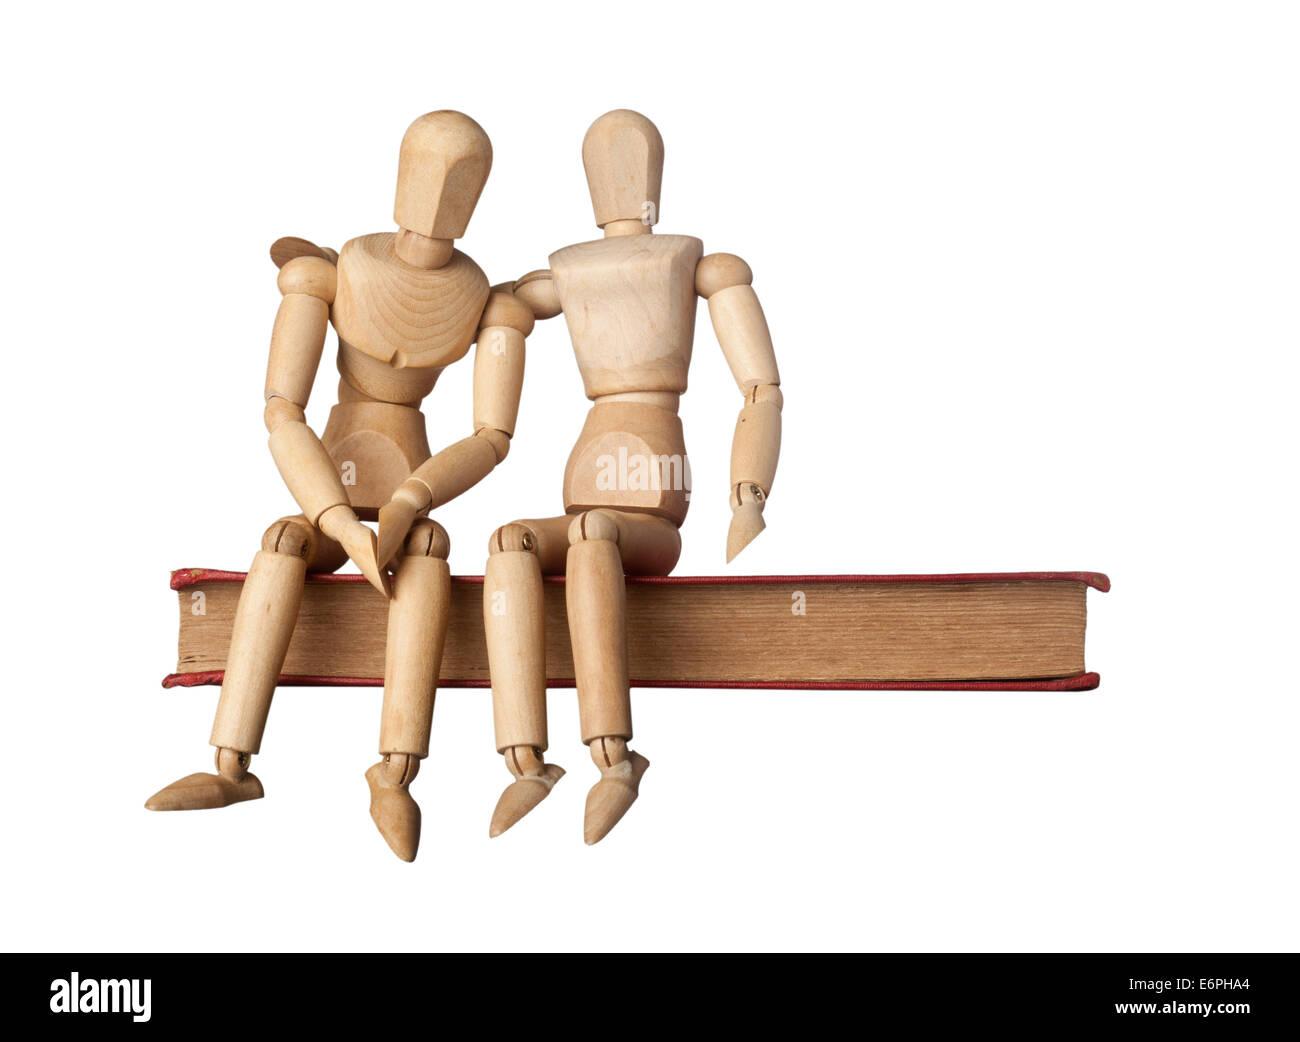 Il conforto di un amico rappresentato da due figurine su un Libro isolato su sfondo bianco Immagini Stock